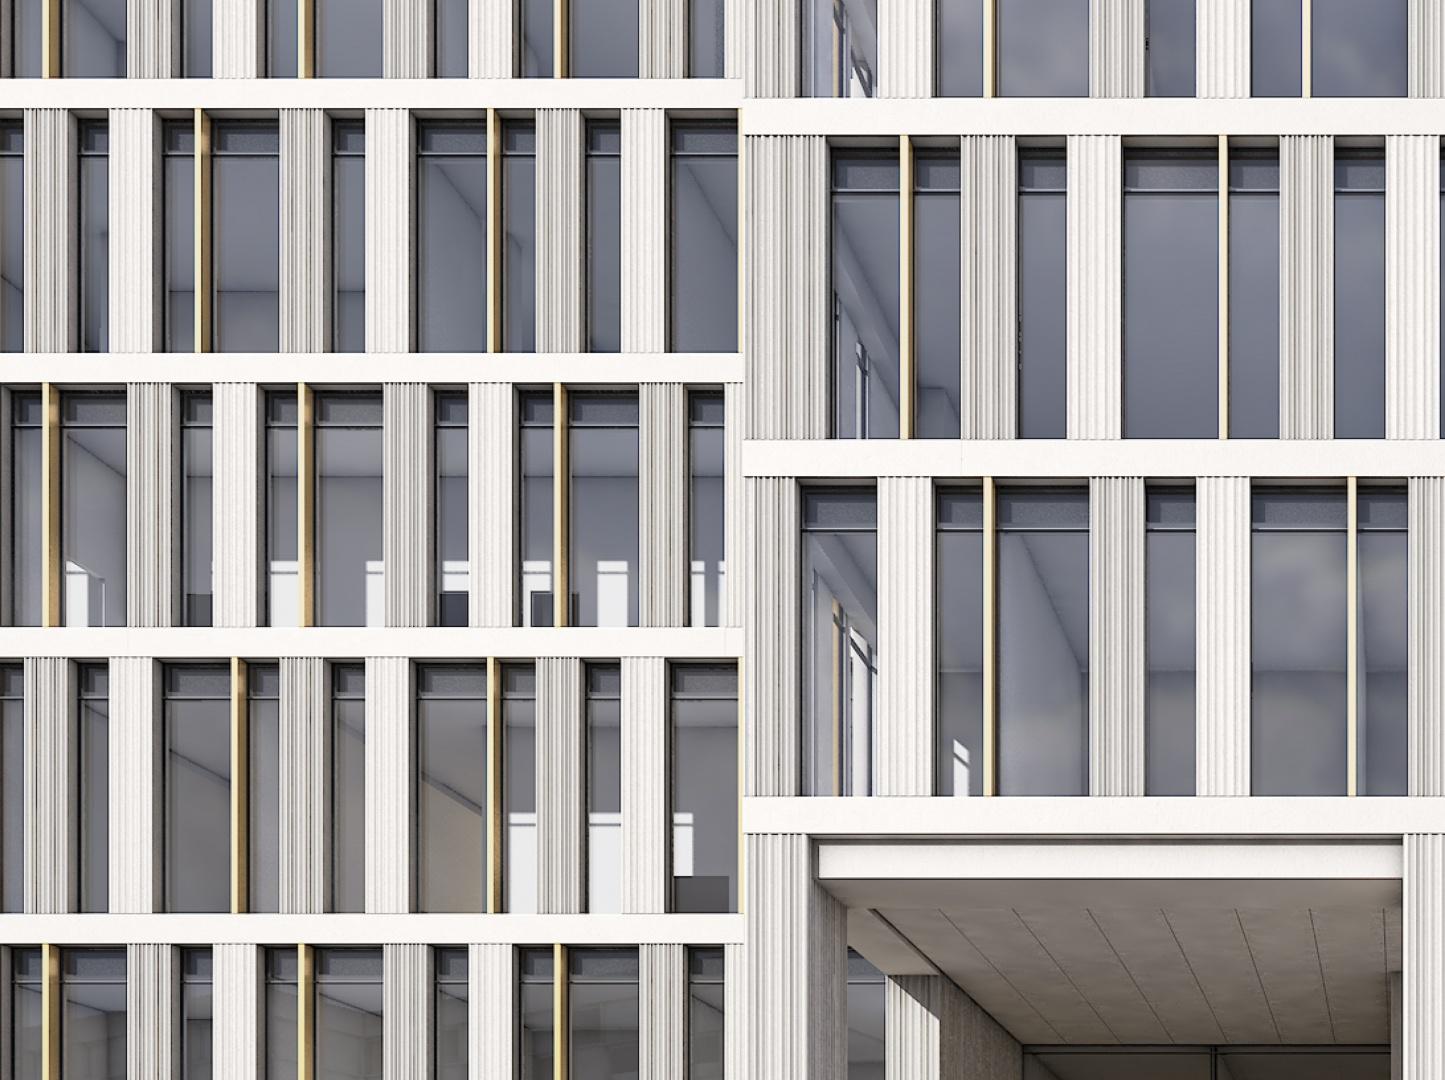 BB12 - Fassadenmockup © Planergemeinschaft Archipel, Seelandweg 7, 3013 Bern